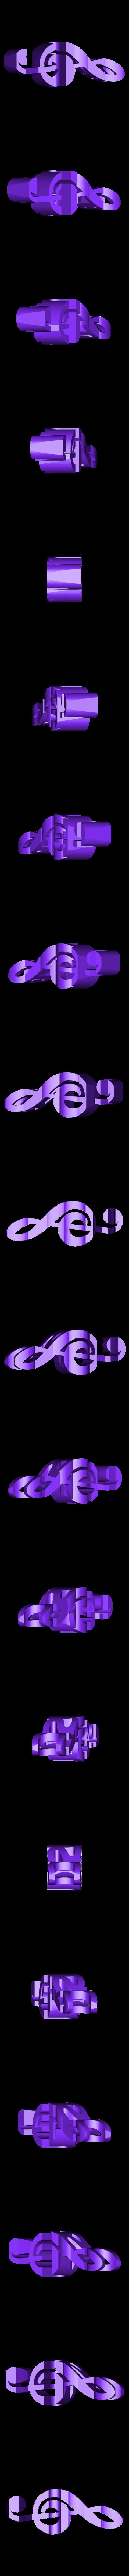 8bdf5f6e 8d39 461c 95a2 f218fdbdd187